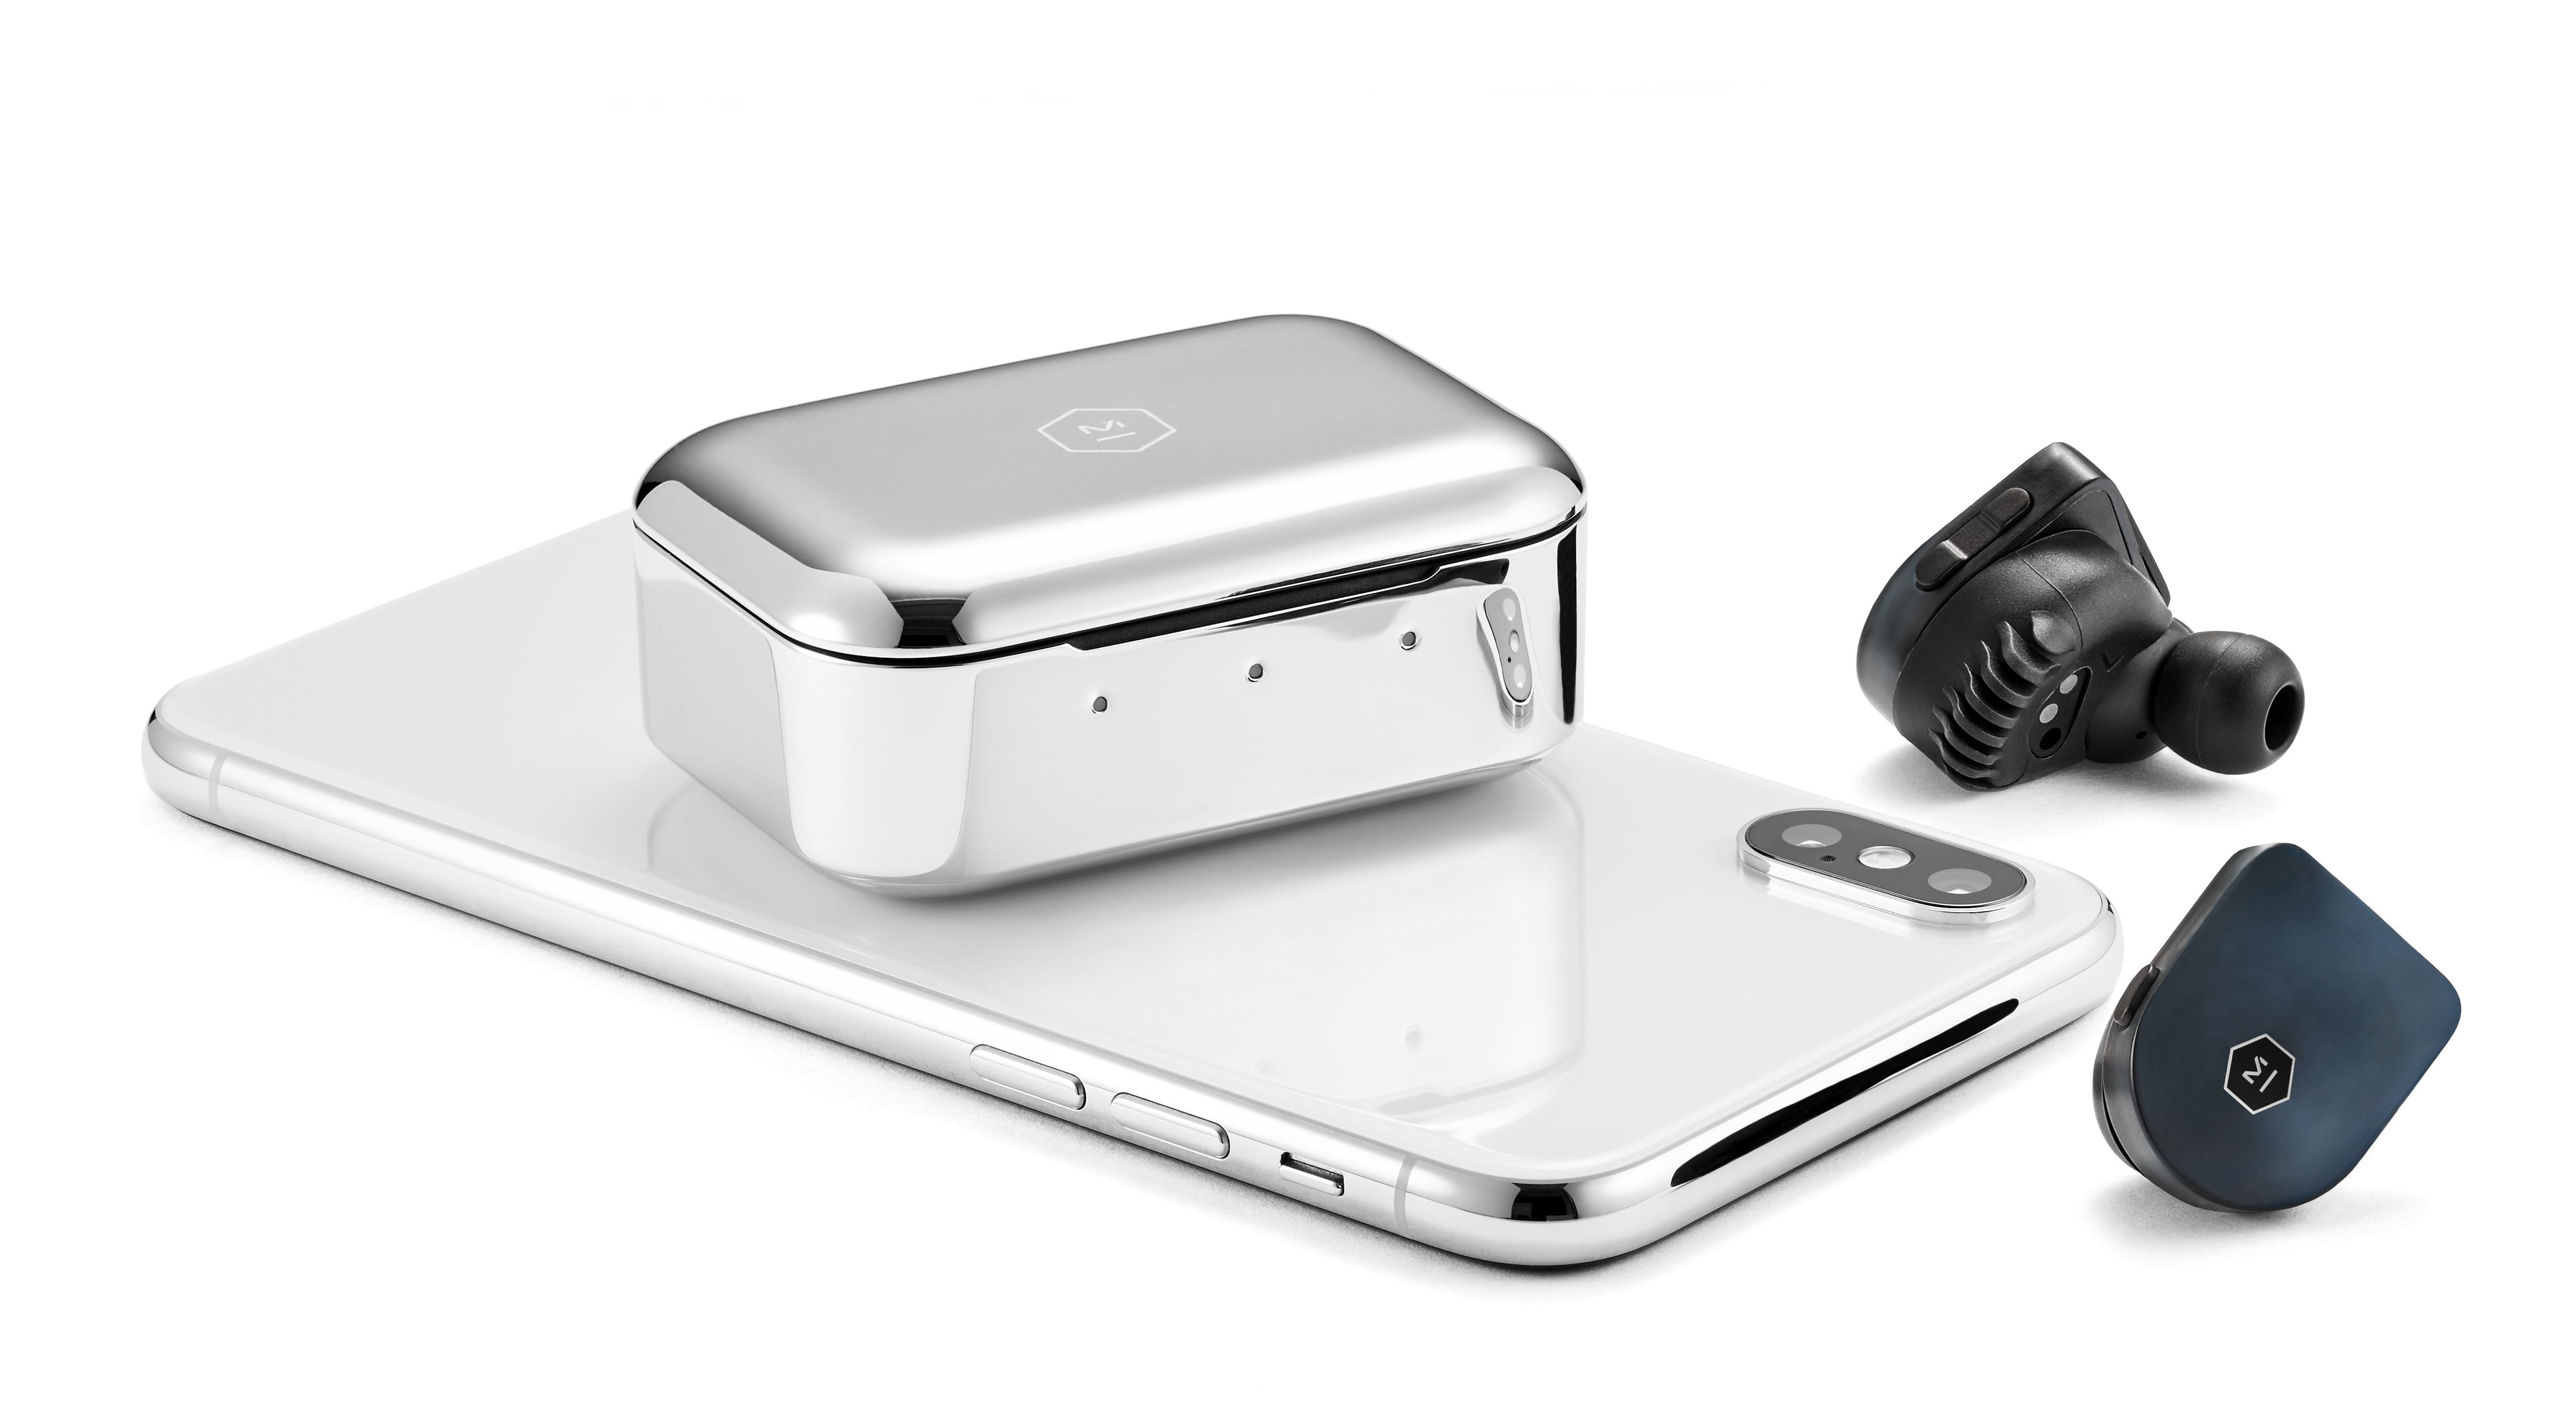 Disse trådløse øreproppene fra Master & Dynamic koster 2999 kroner